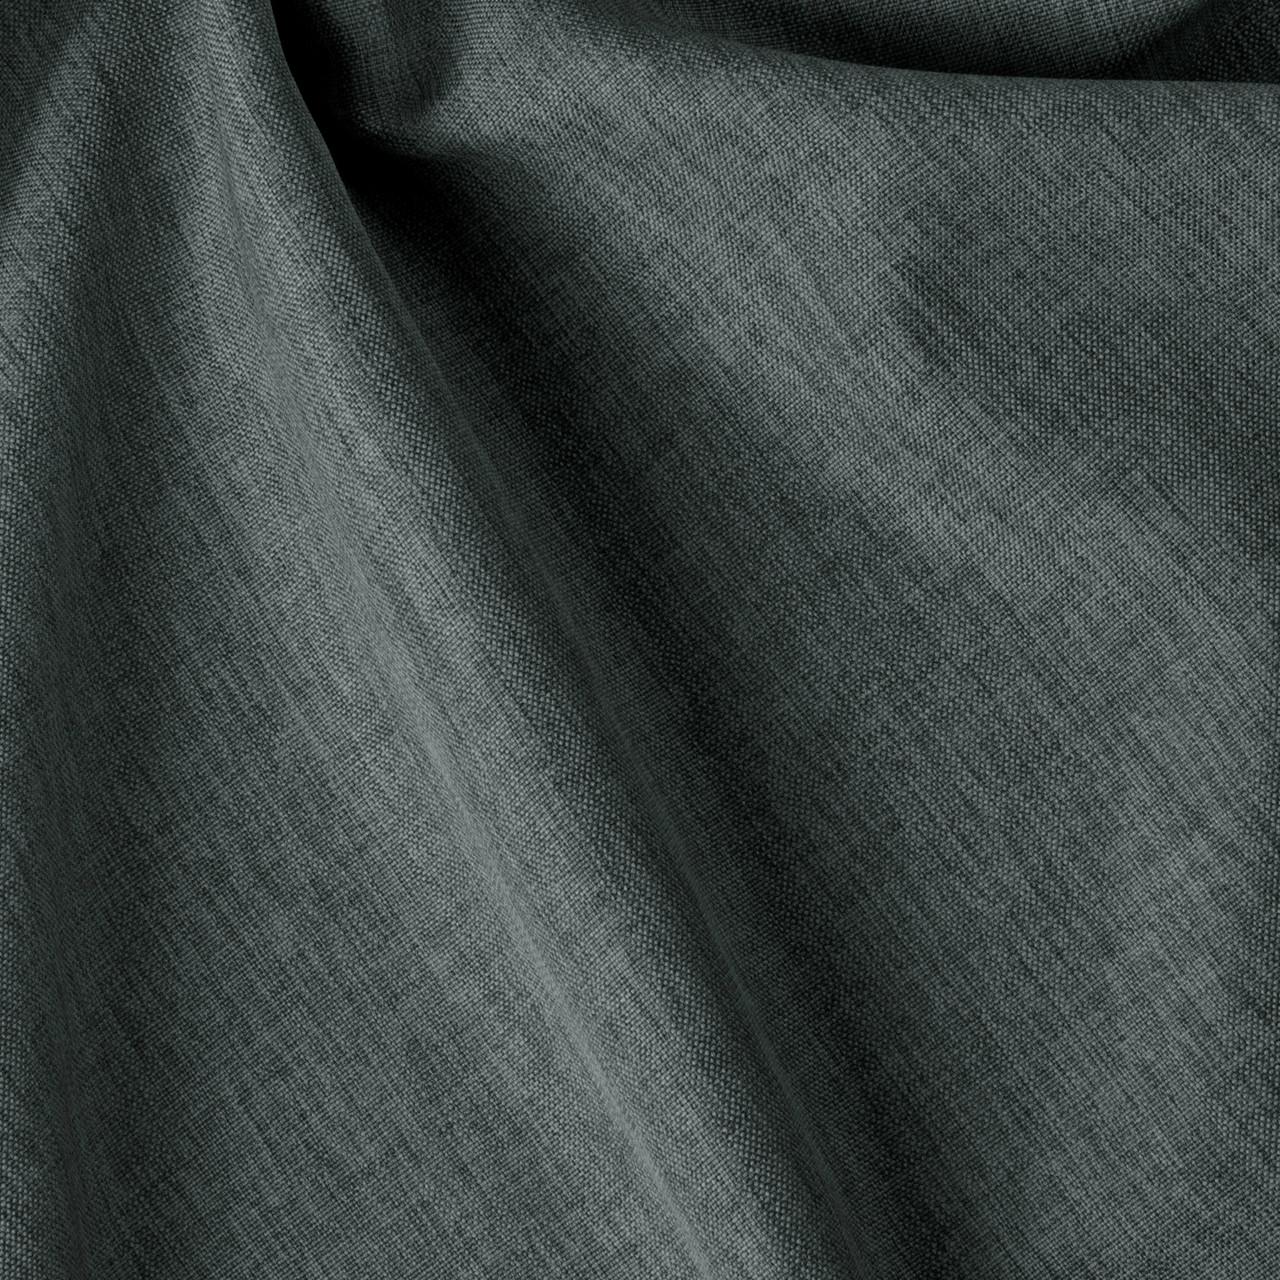 Декоративная однотонная ткань рогожка серого цвета Турция 84477v32